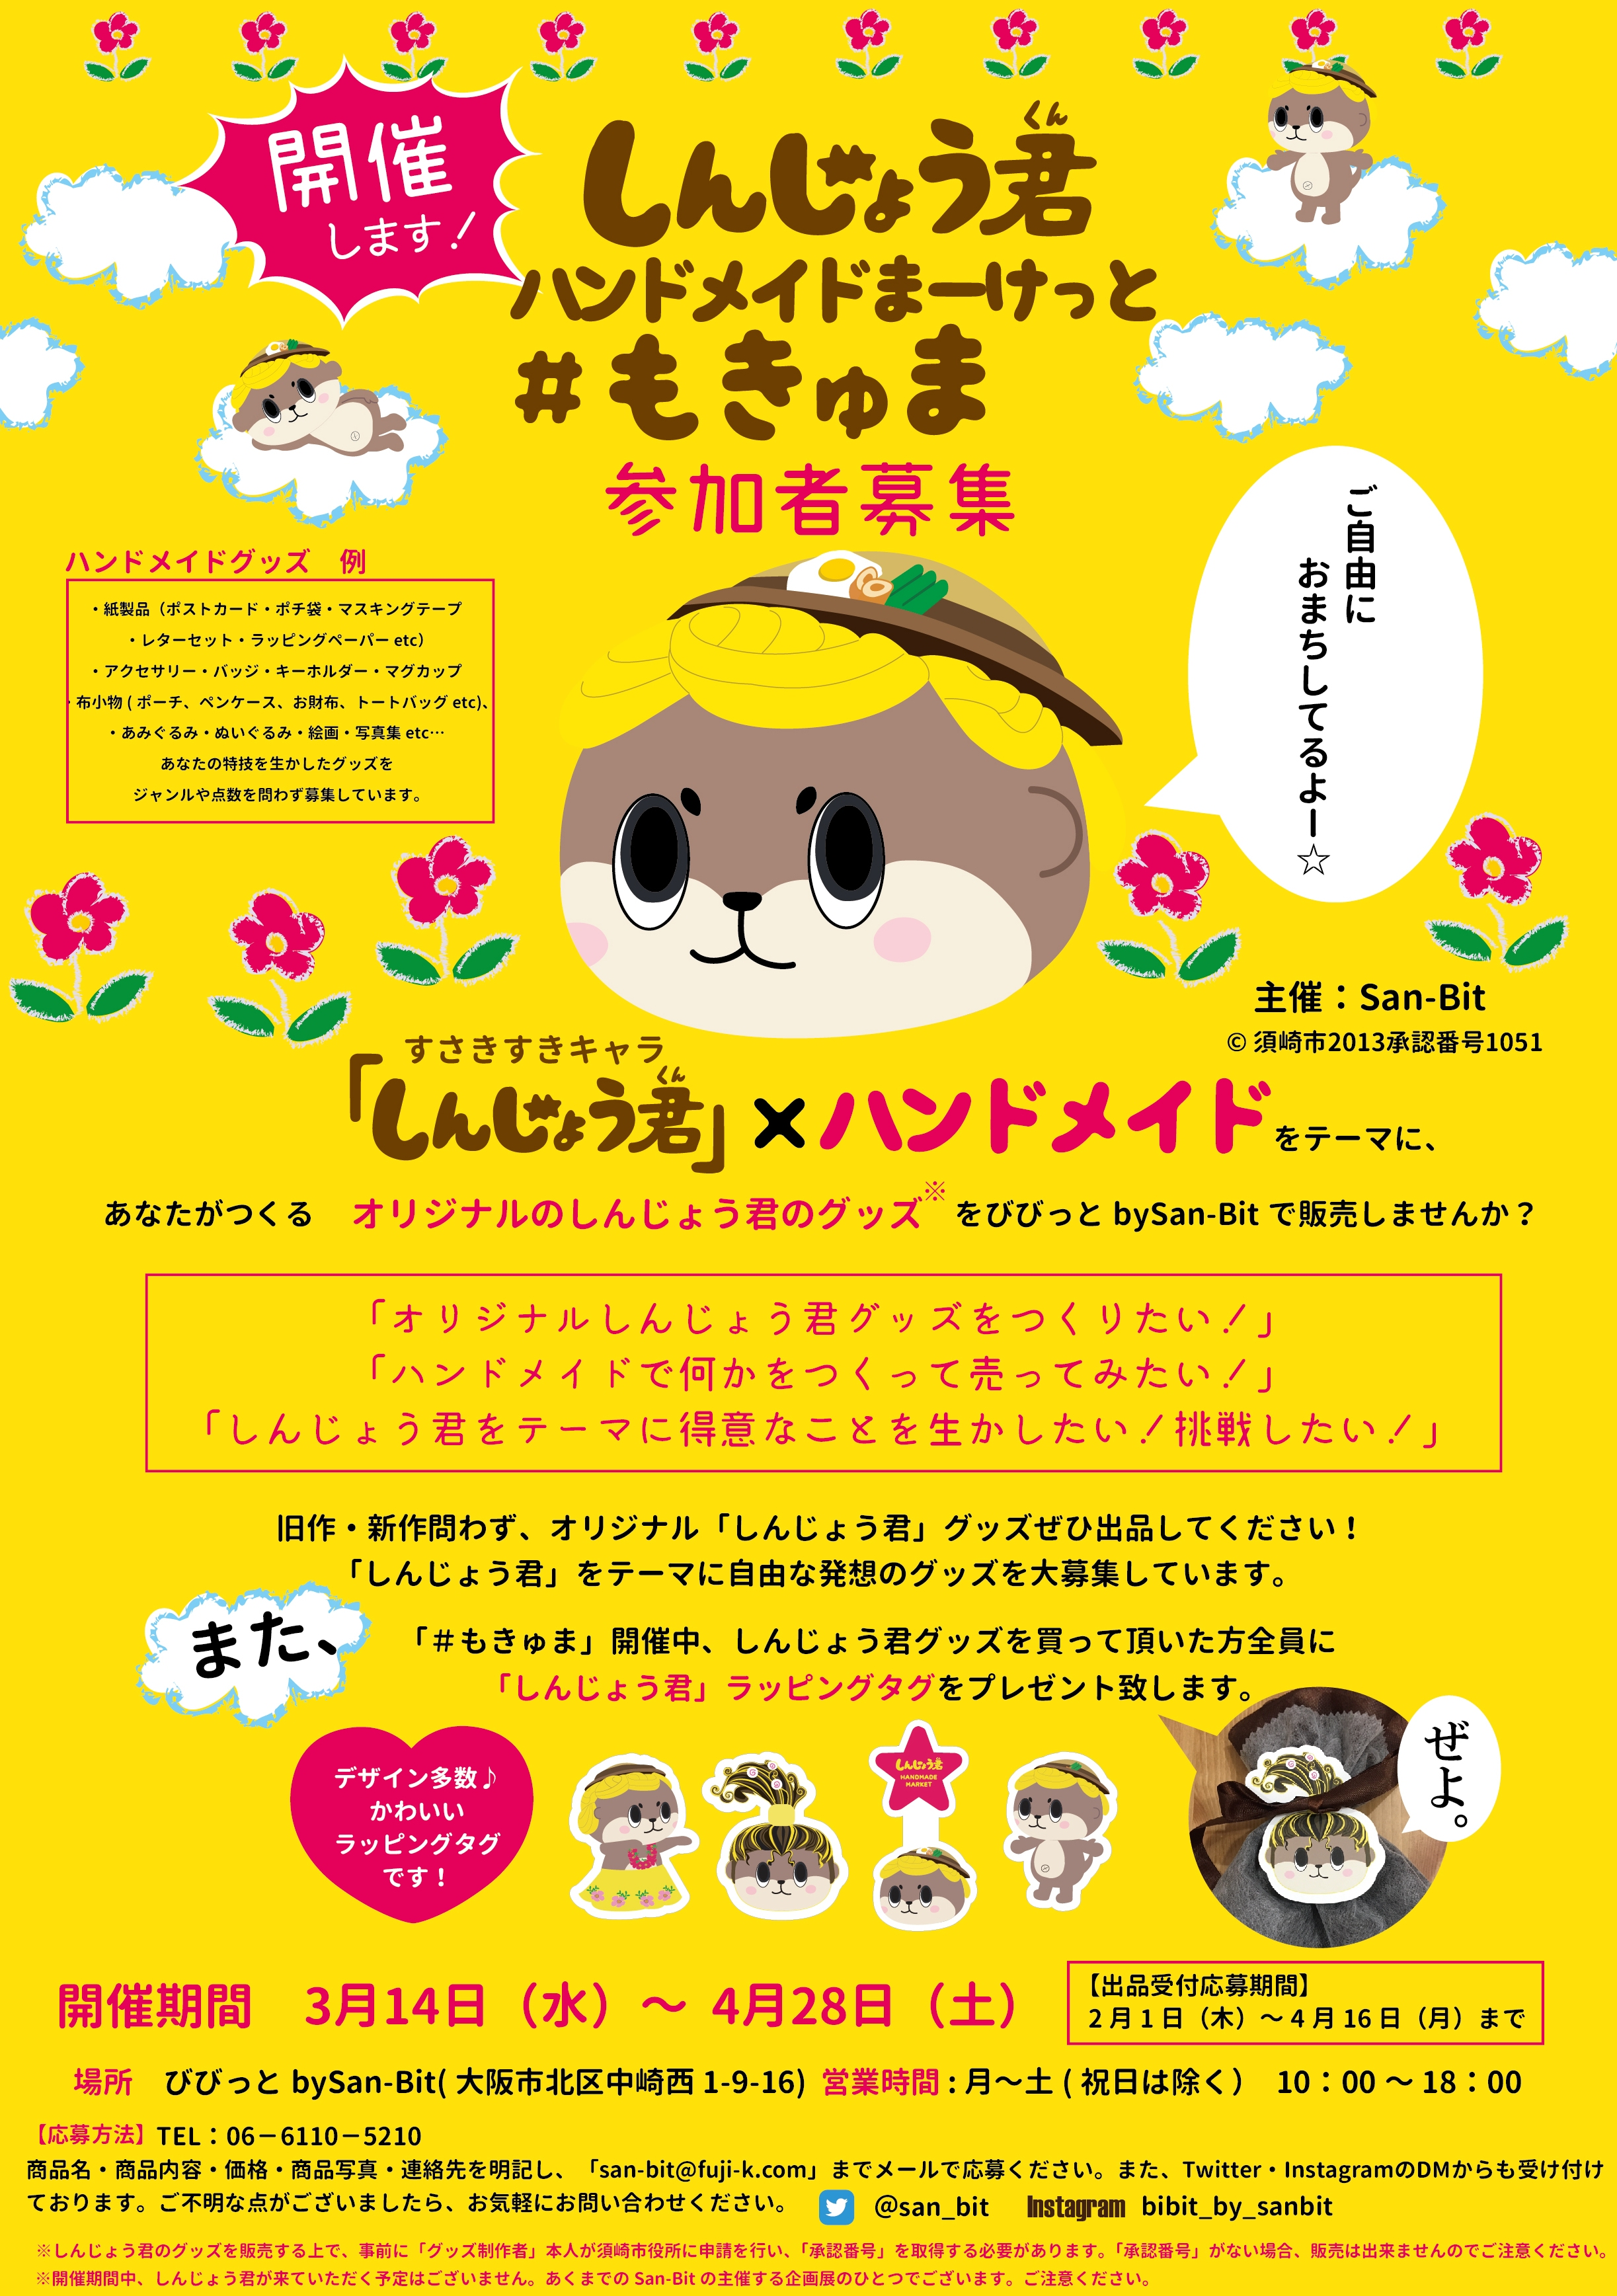 開催!!しんじょう君ハンドメイドマーケット「#もきゅま」 参加者募集